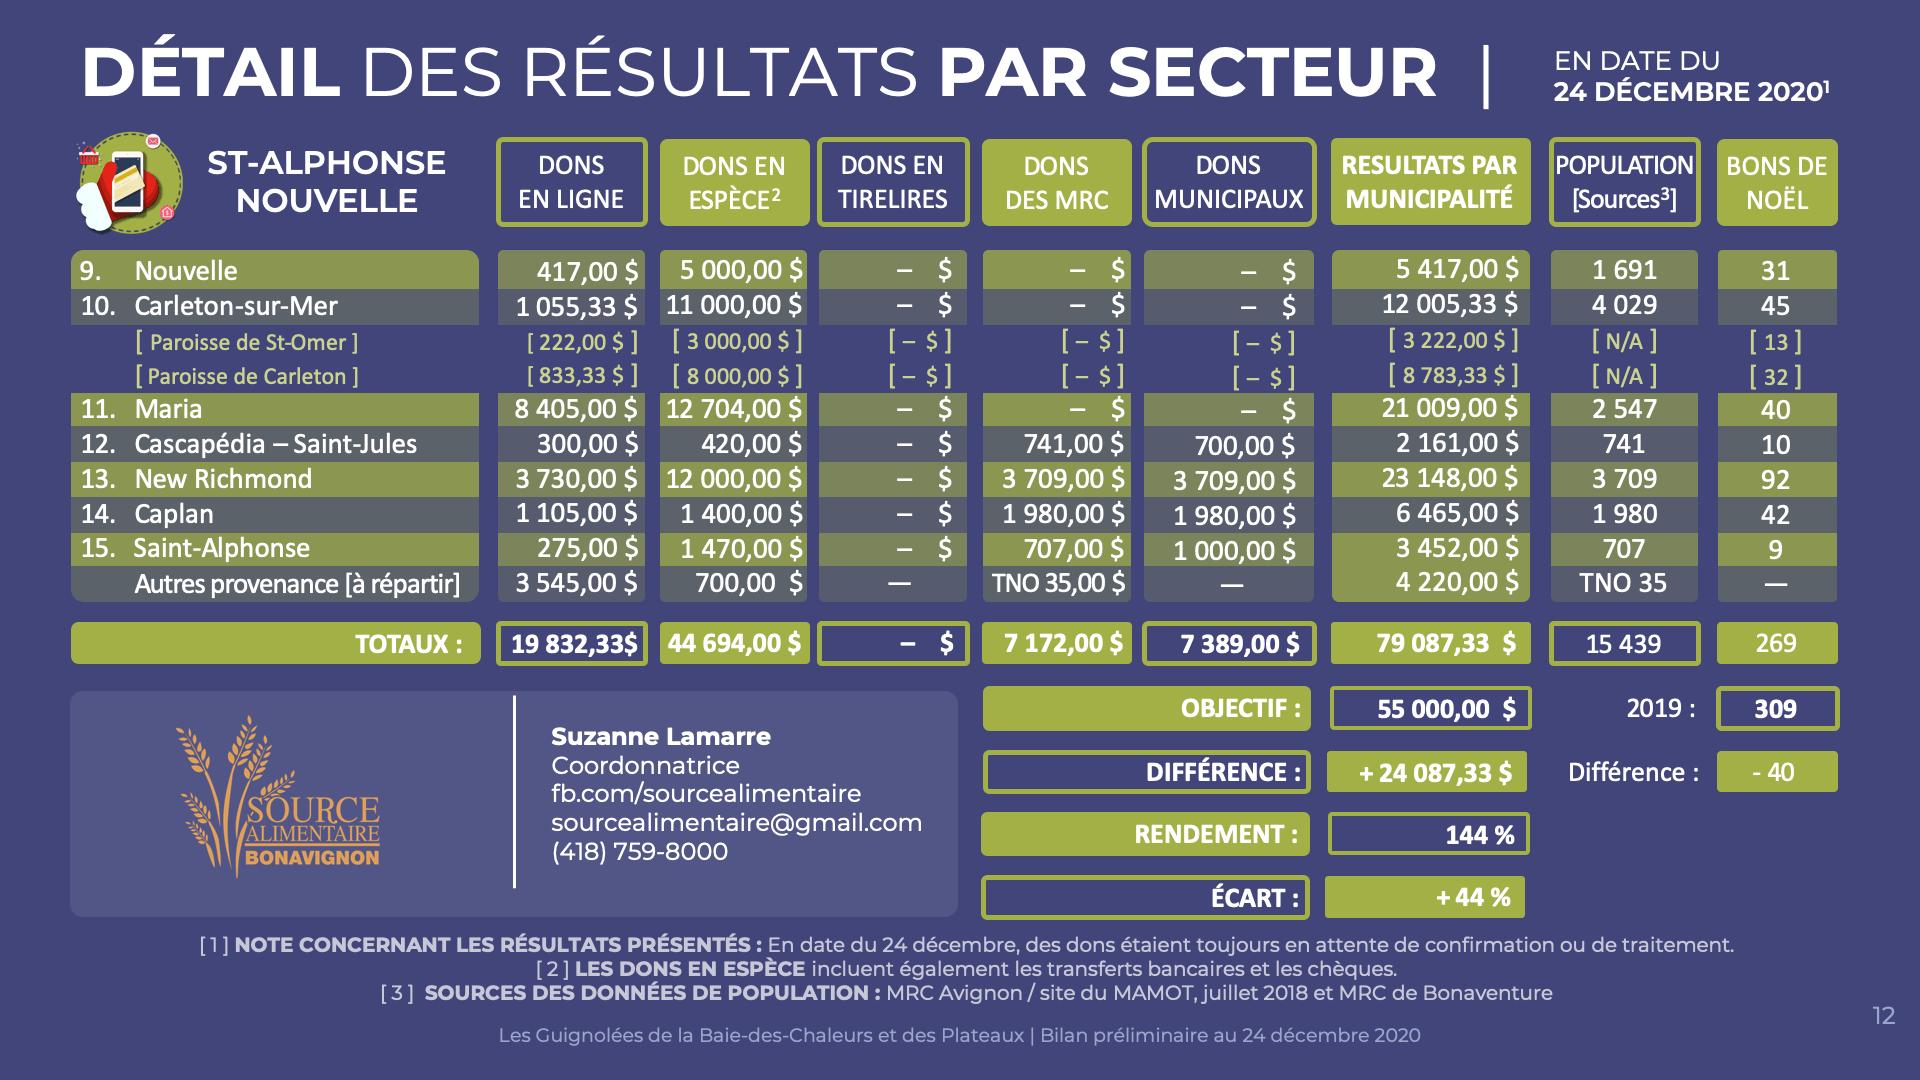 Détail Saint-Alphonse Nouvelle | 24 décembre 2020